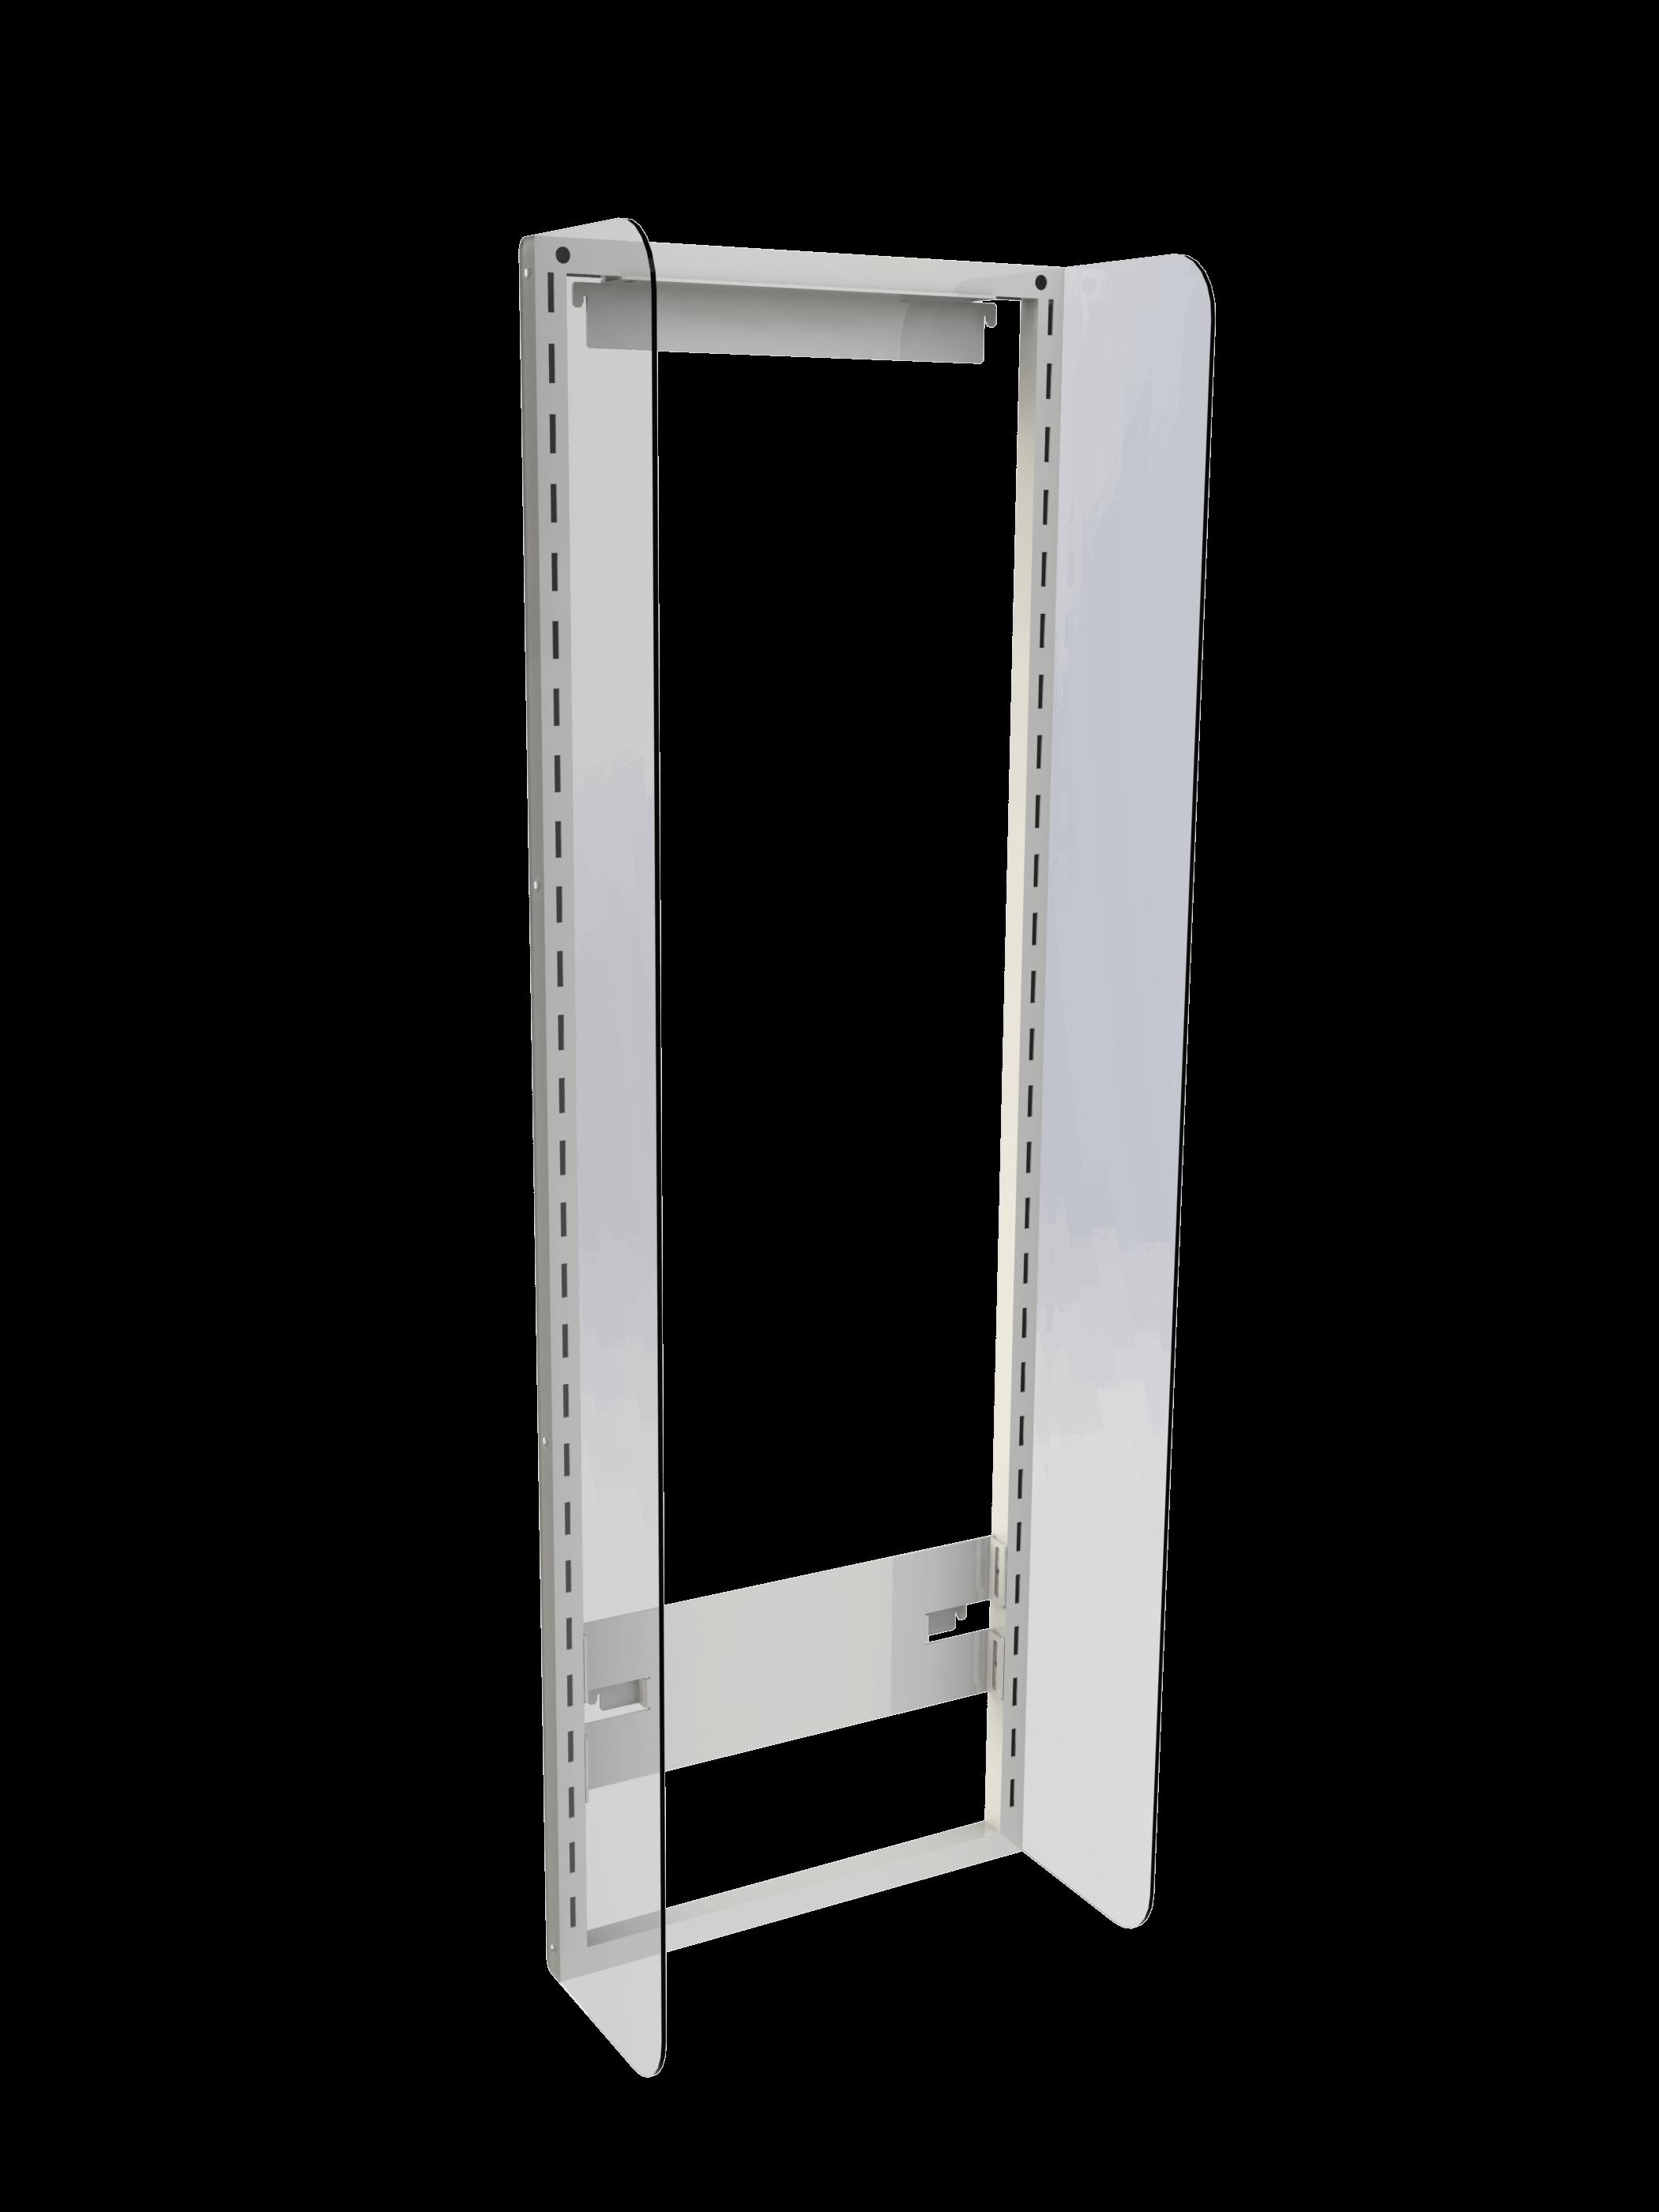 Gondola Side Display Side Frame